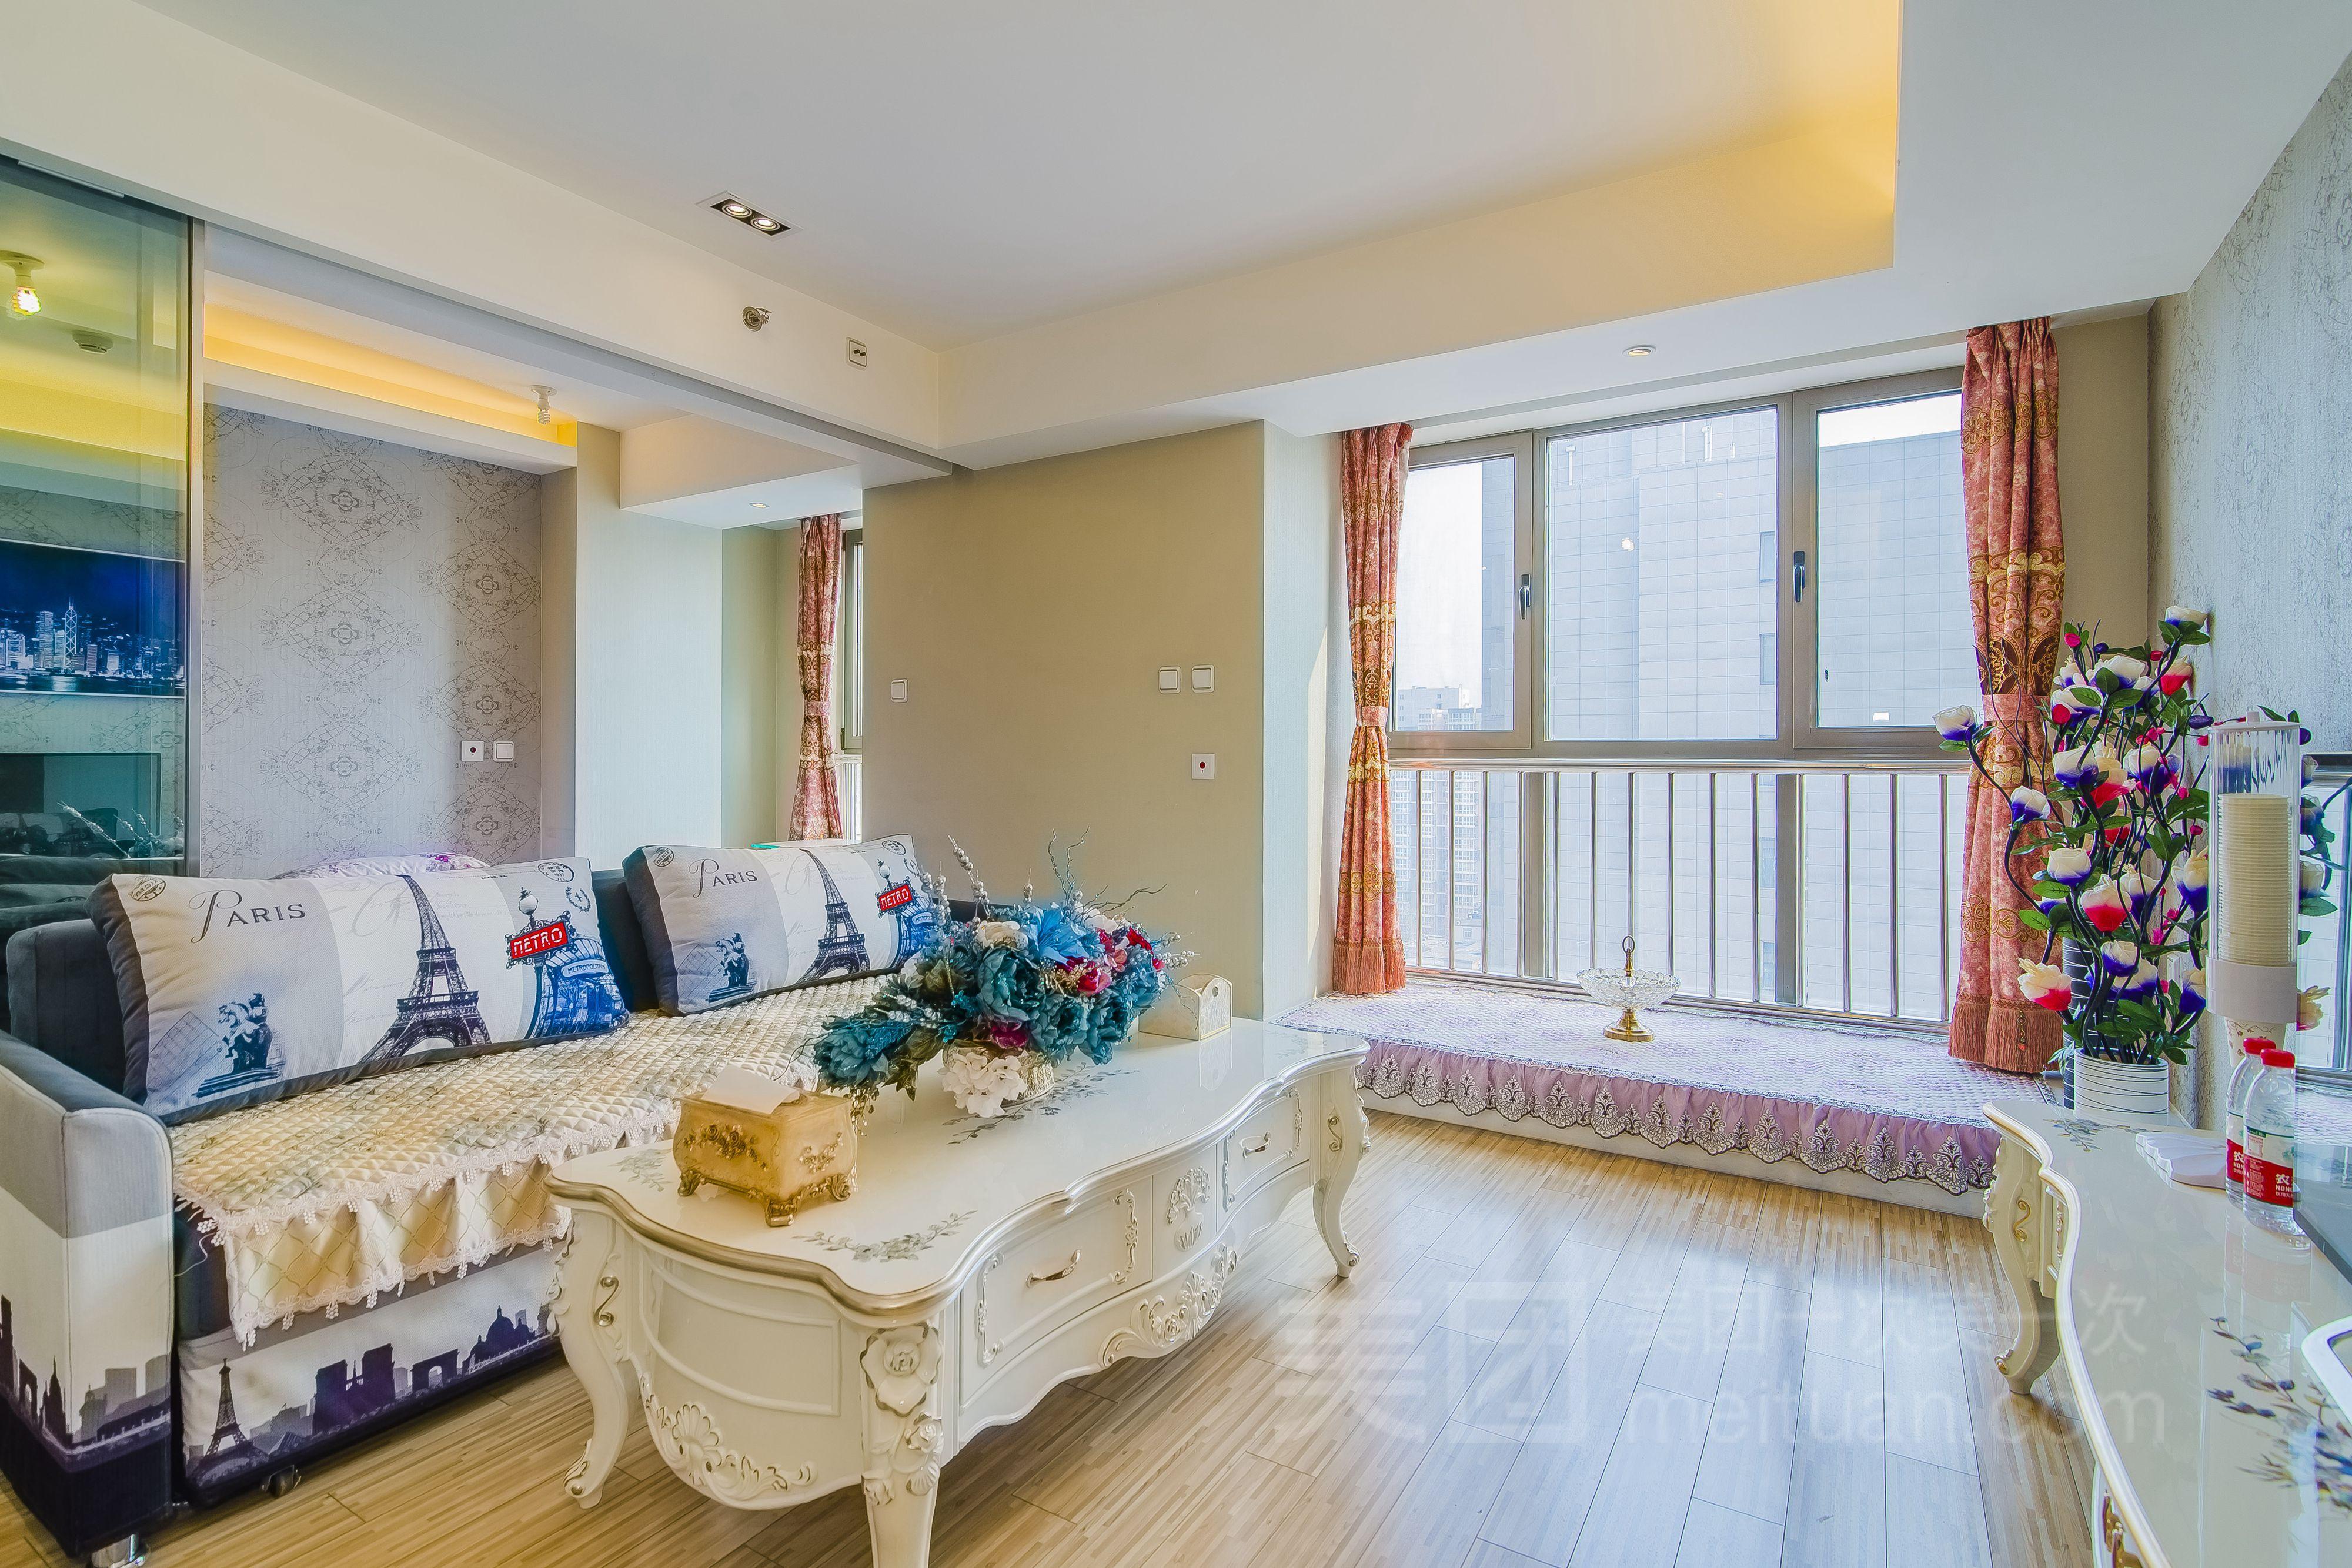 北京环球豪宅度假公寓预订/团购